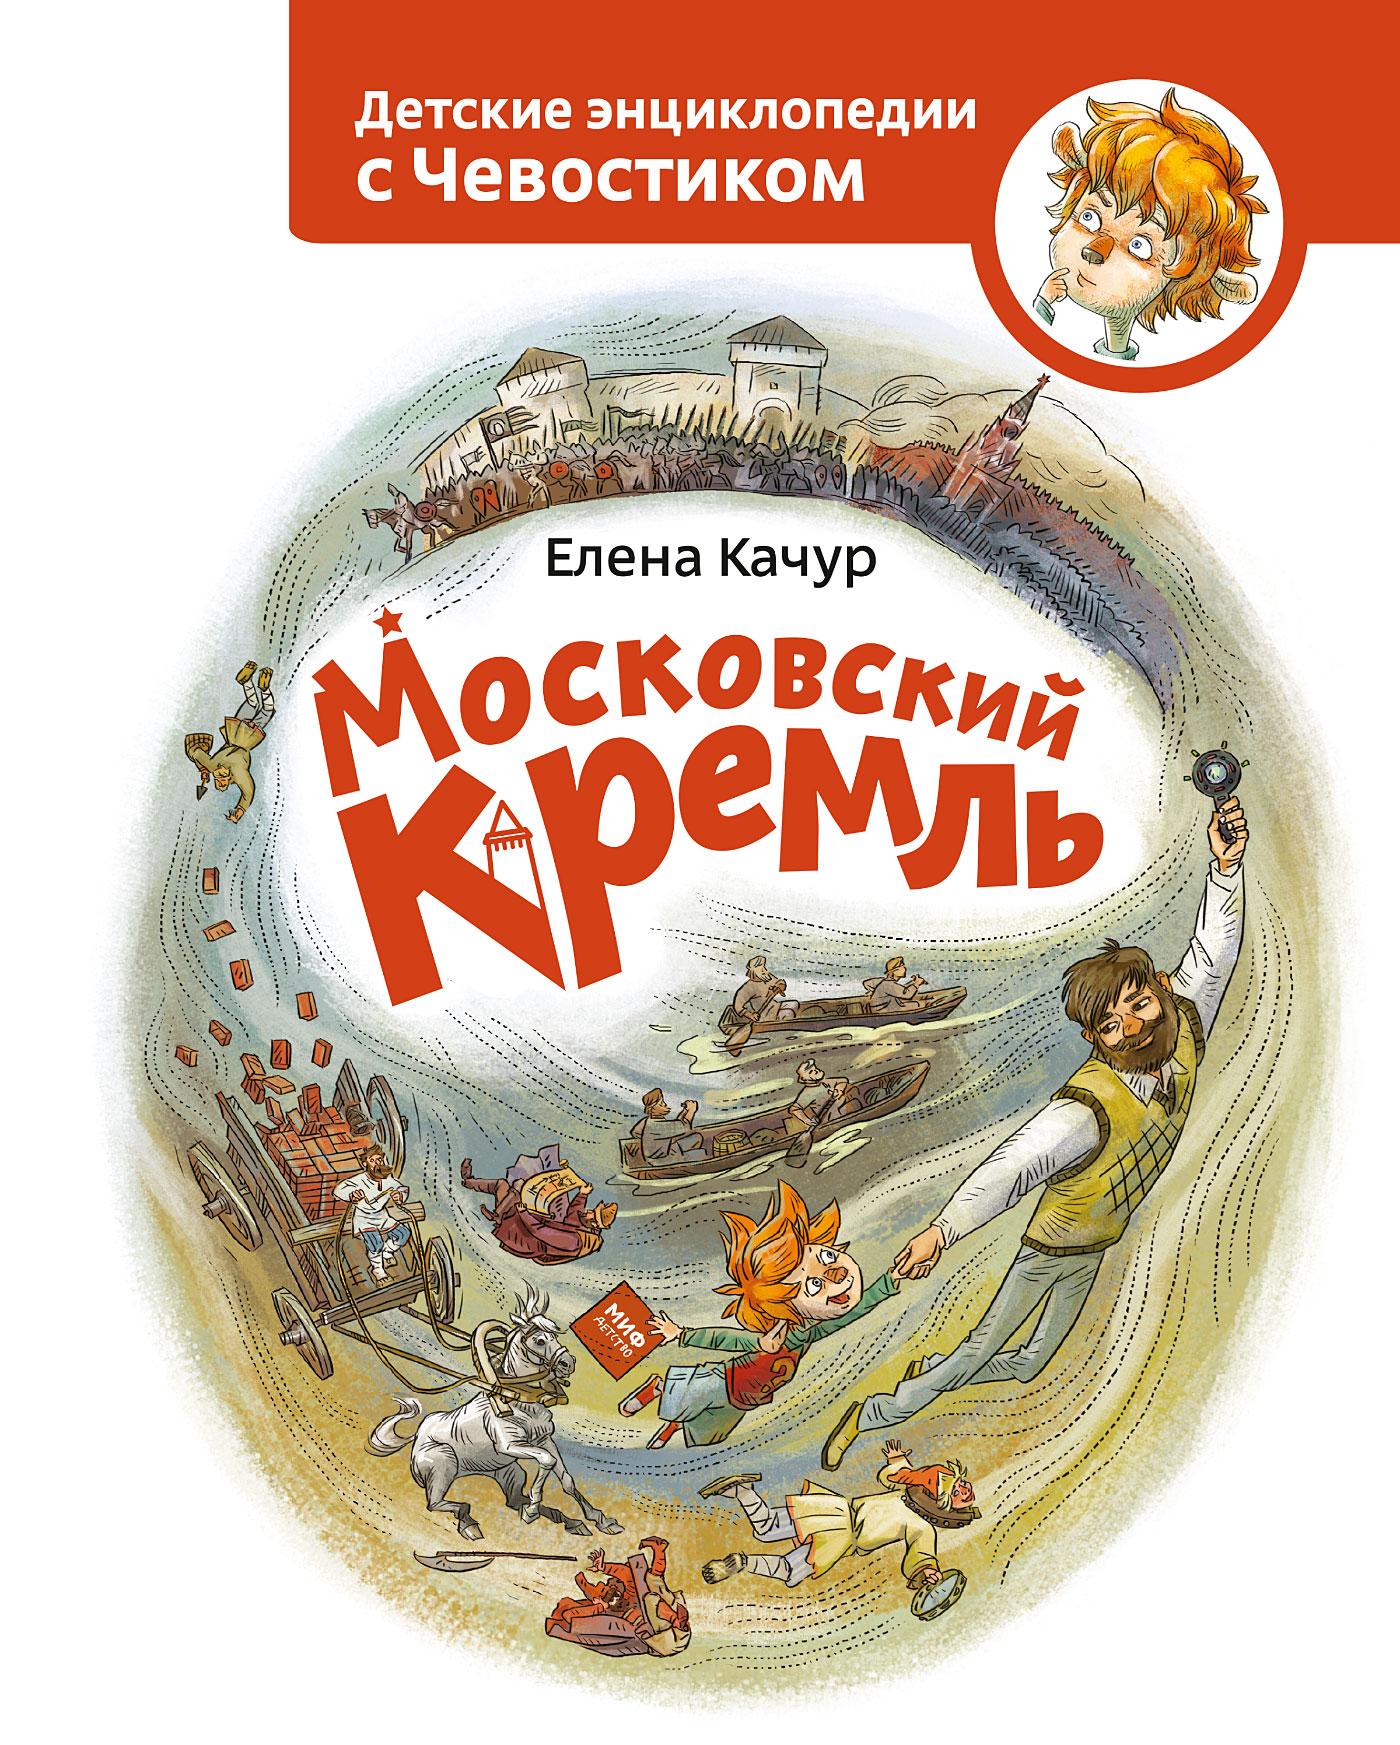 Елена Качур Московский Кремль мюллер йоган э запрмем почему панцеваффе не дошли до кремля тан